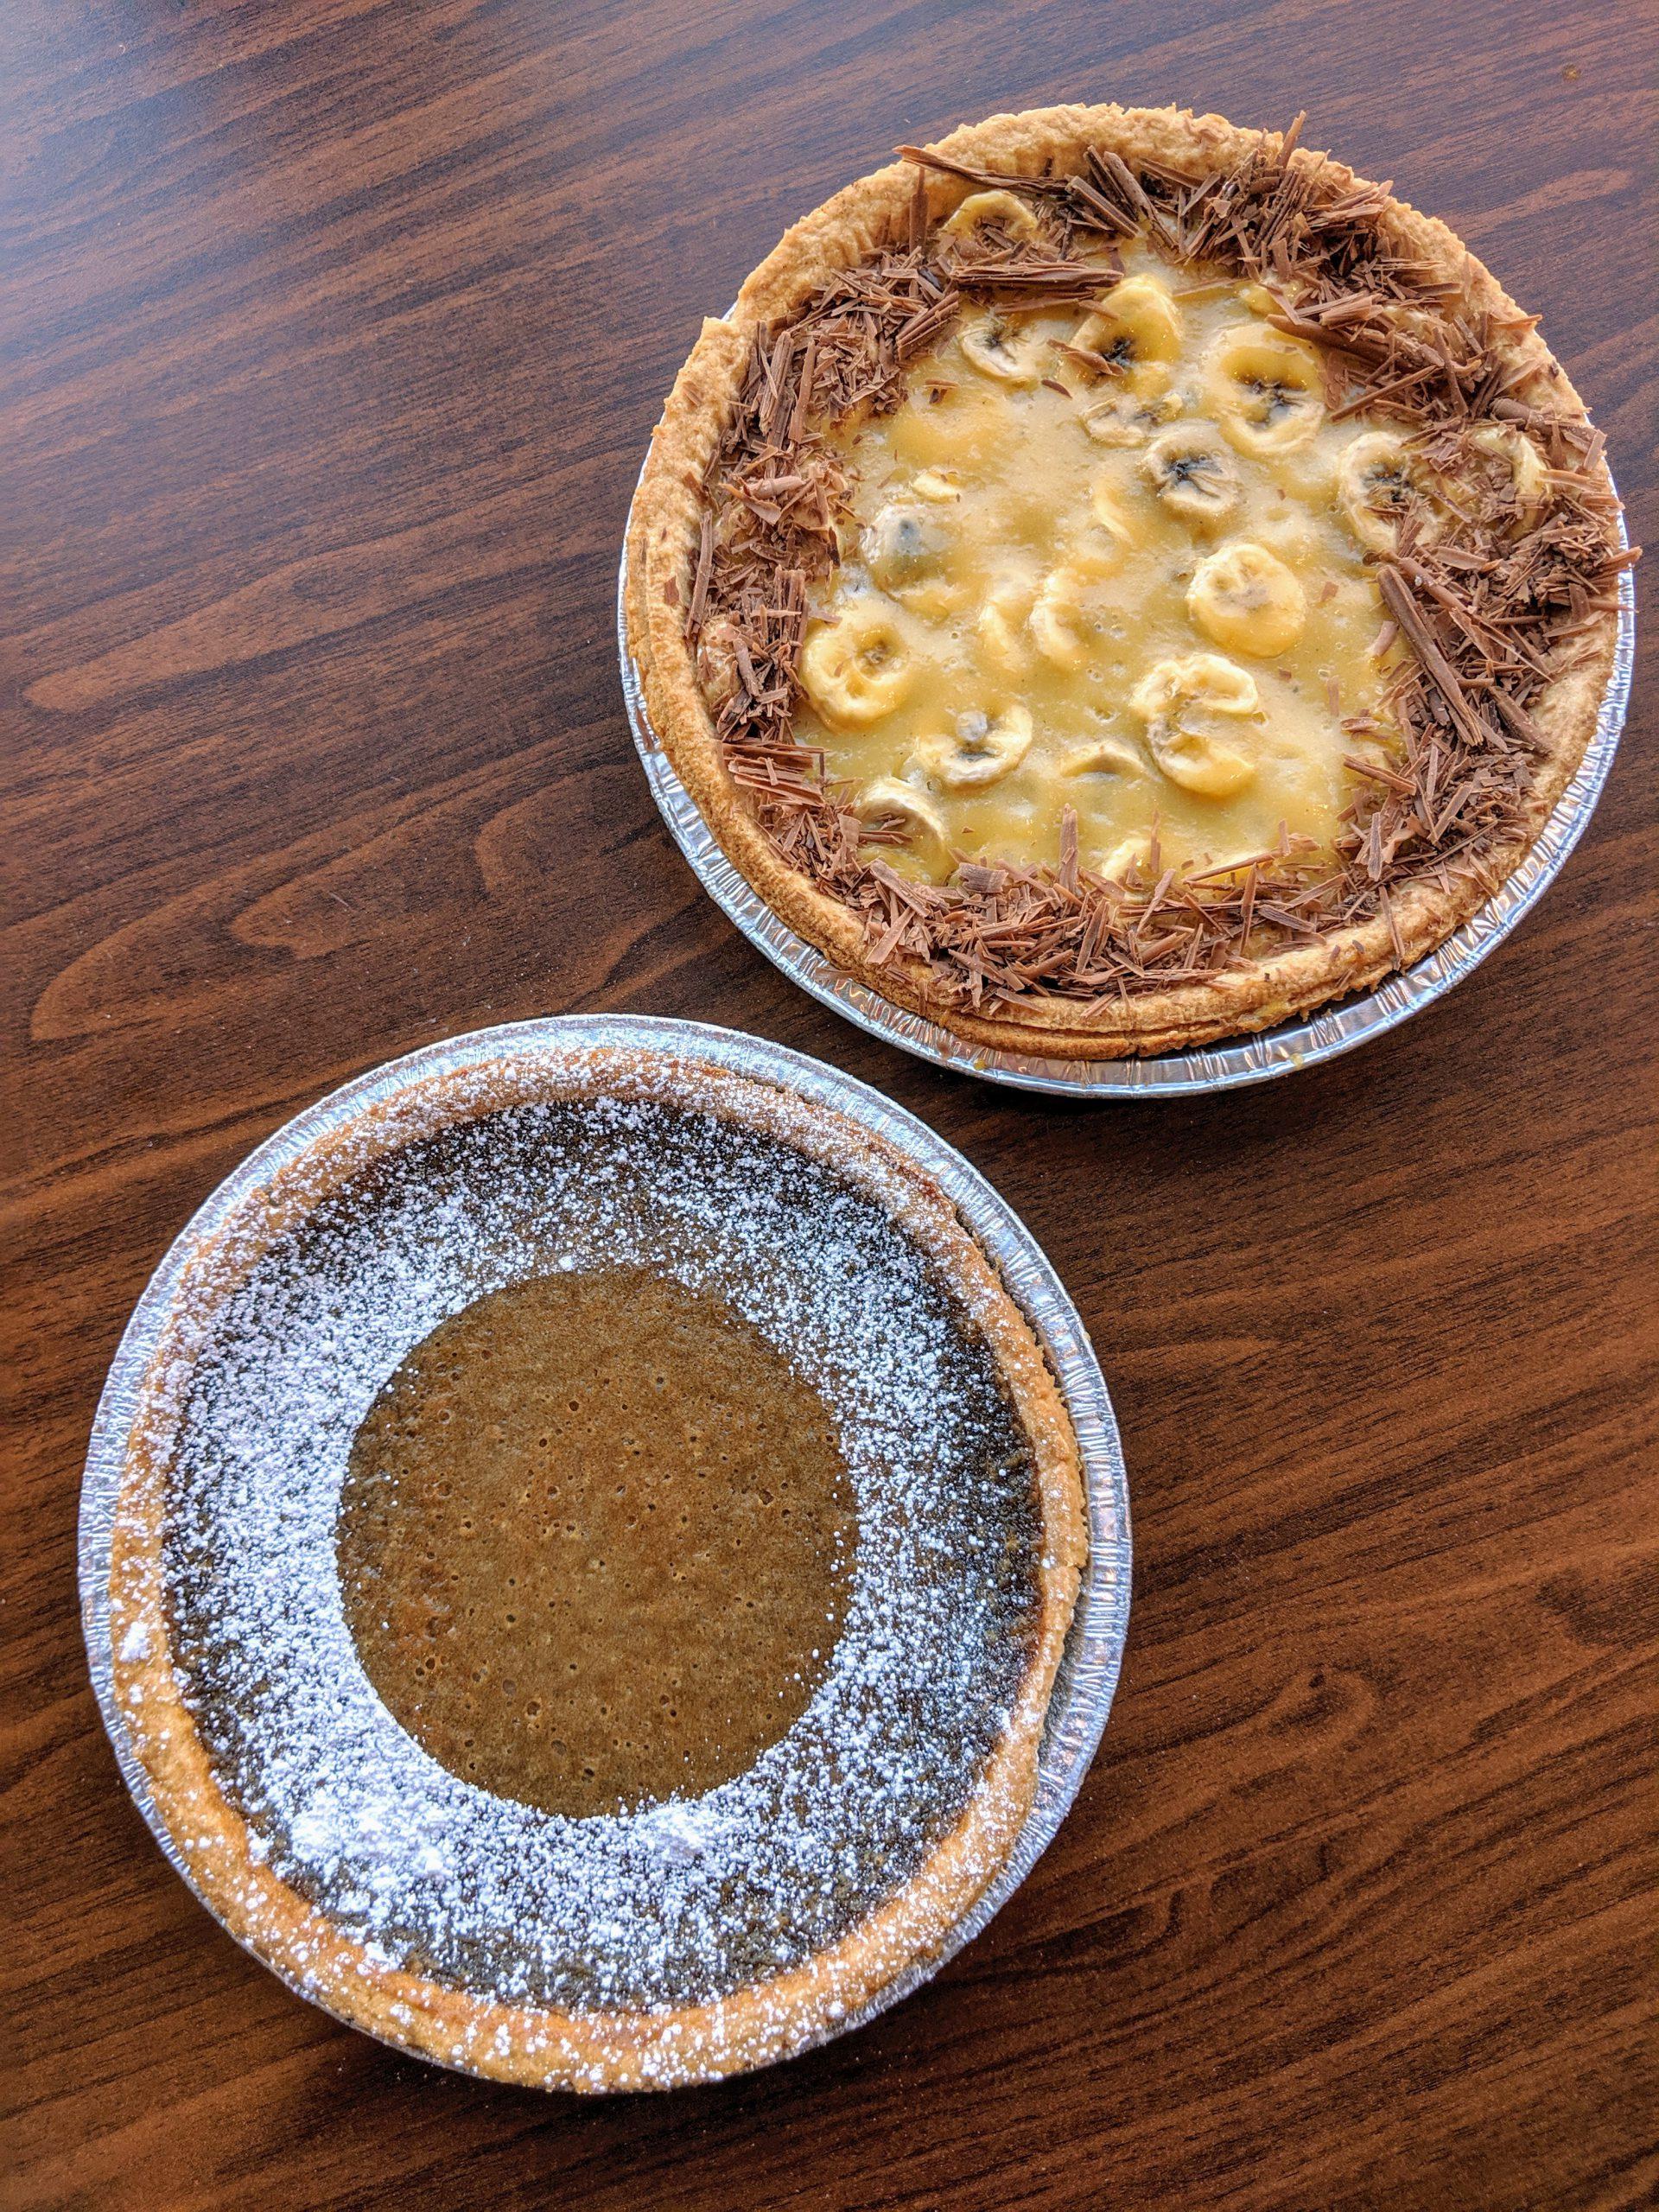 Custom baking - Coffee Pie and Banana Cream Pie